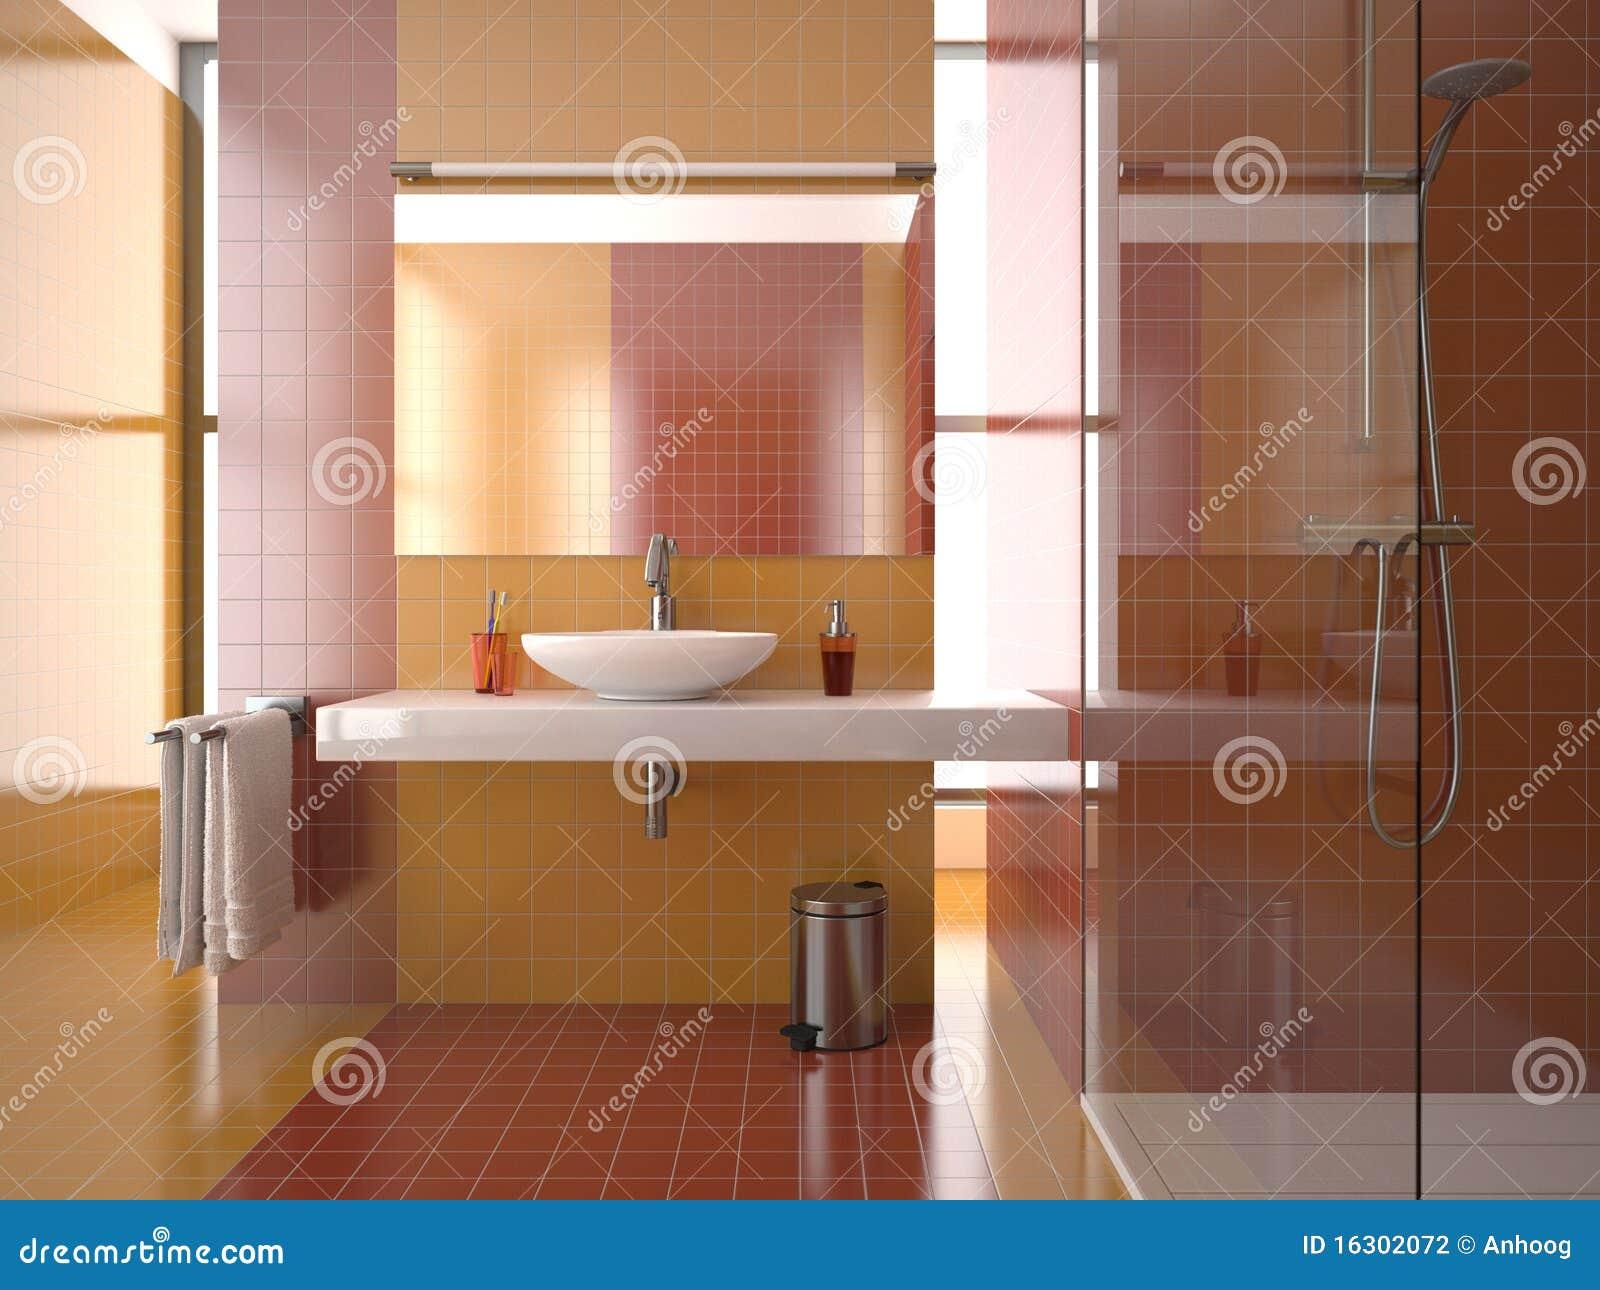 Baños Modernos Rojos:Cuarto de baño moderno con los azulejos rojos y anaranjados (visión